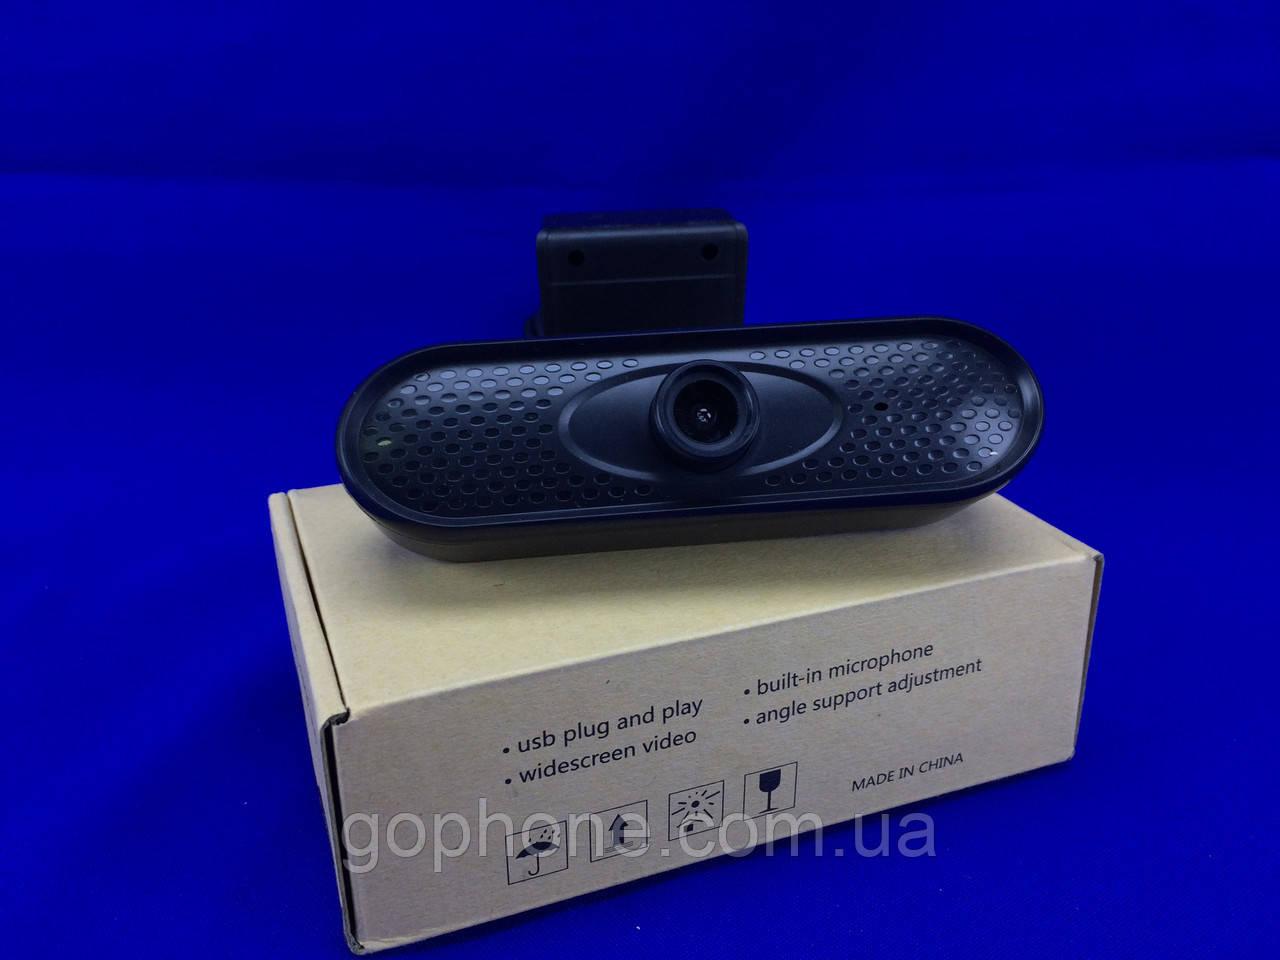 Профессиональная веб-камера с микрофоном FULLHD (1920×1080)